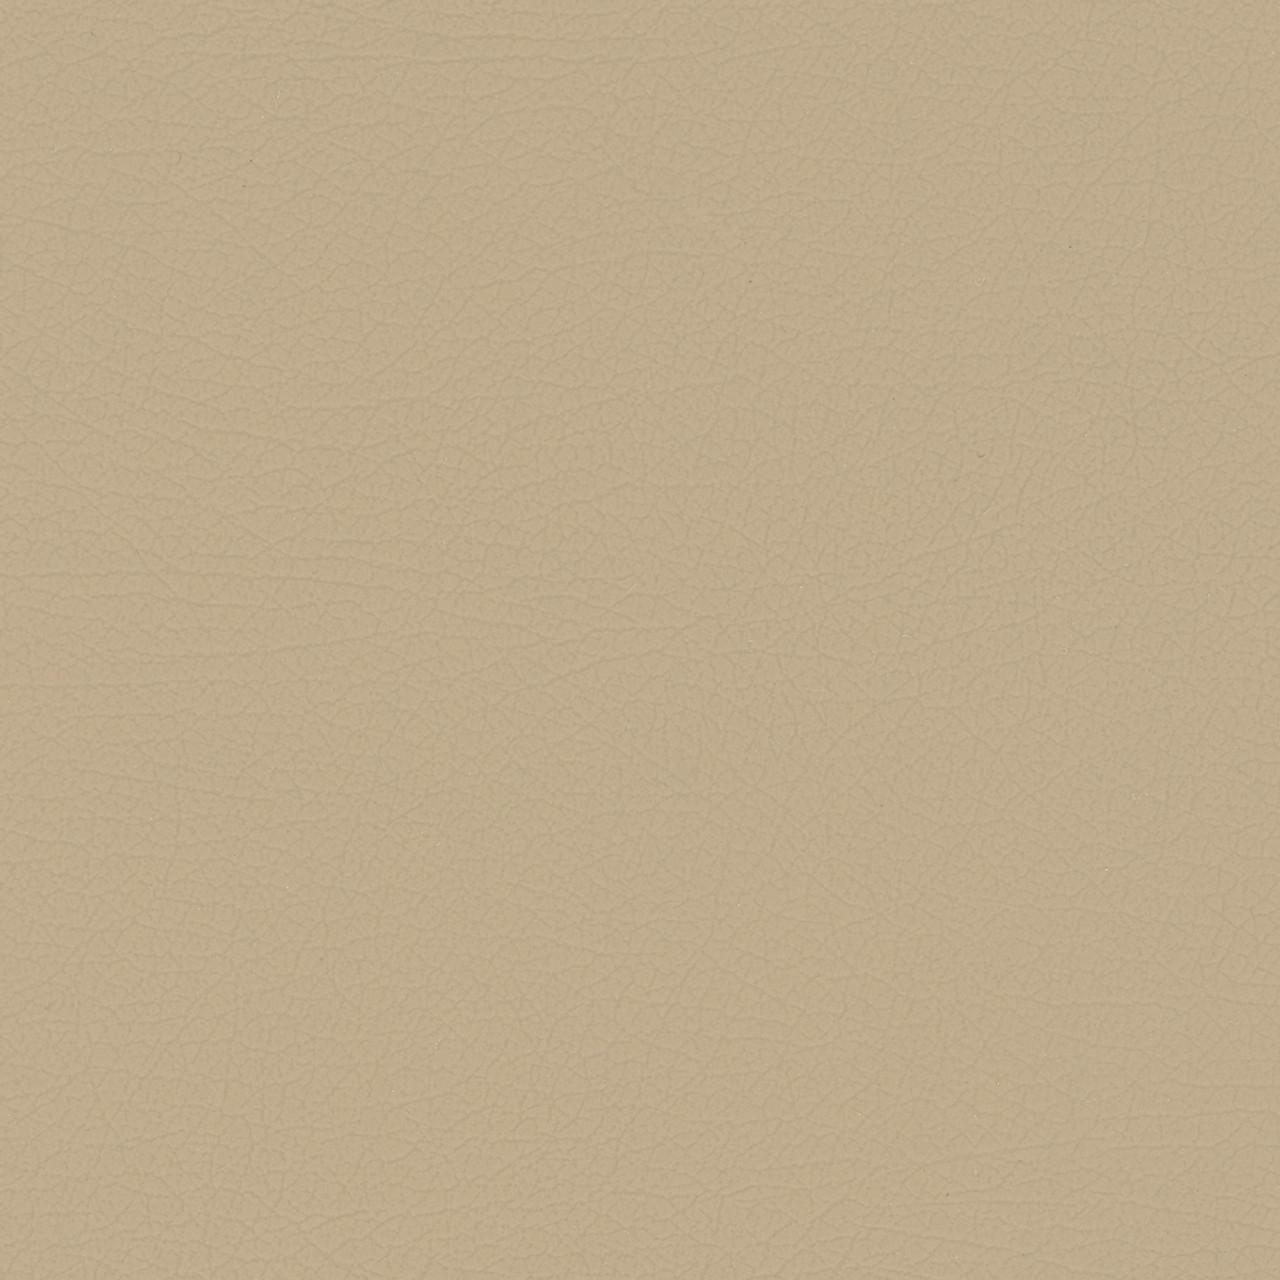 Nuance NUA-2453 Sandstone